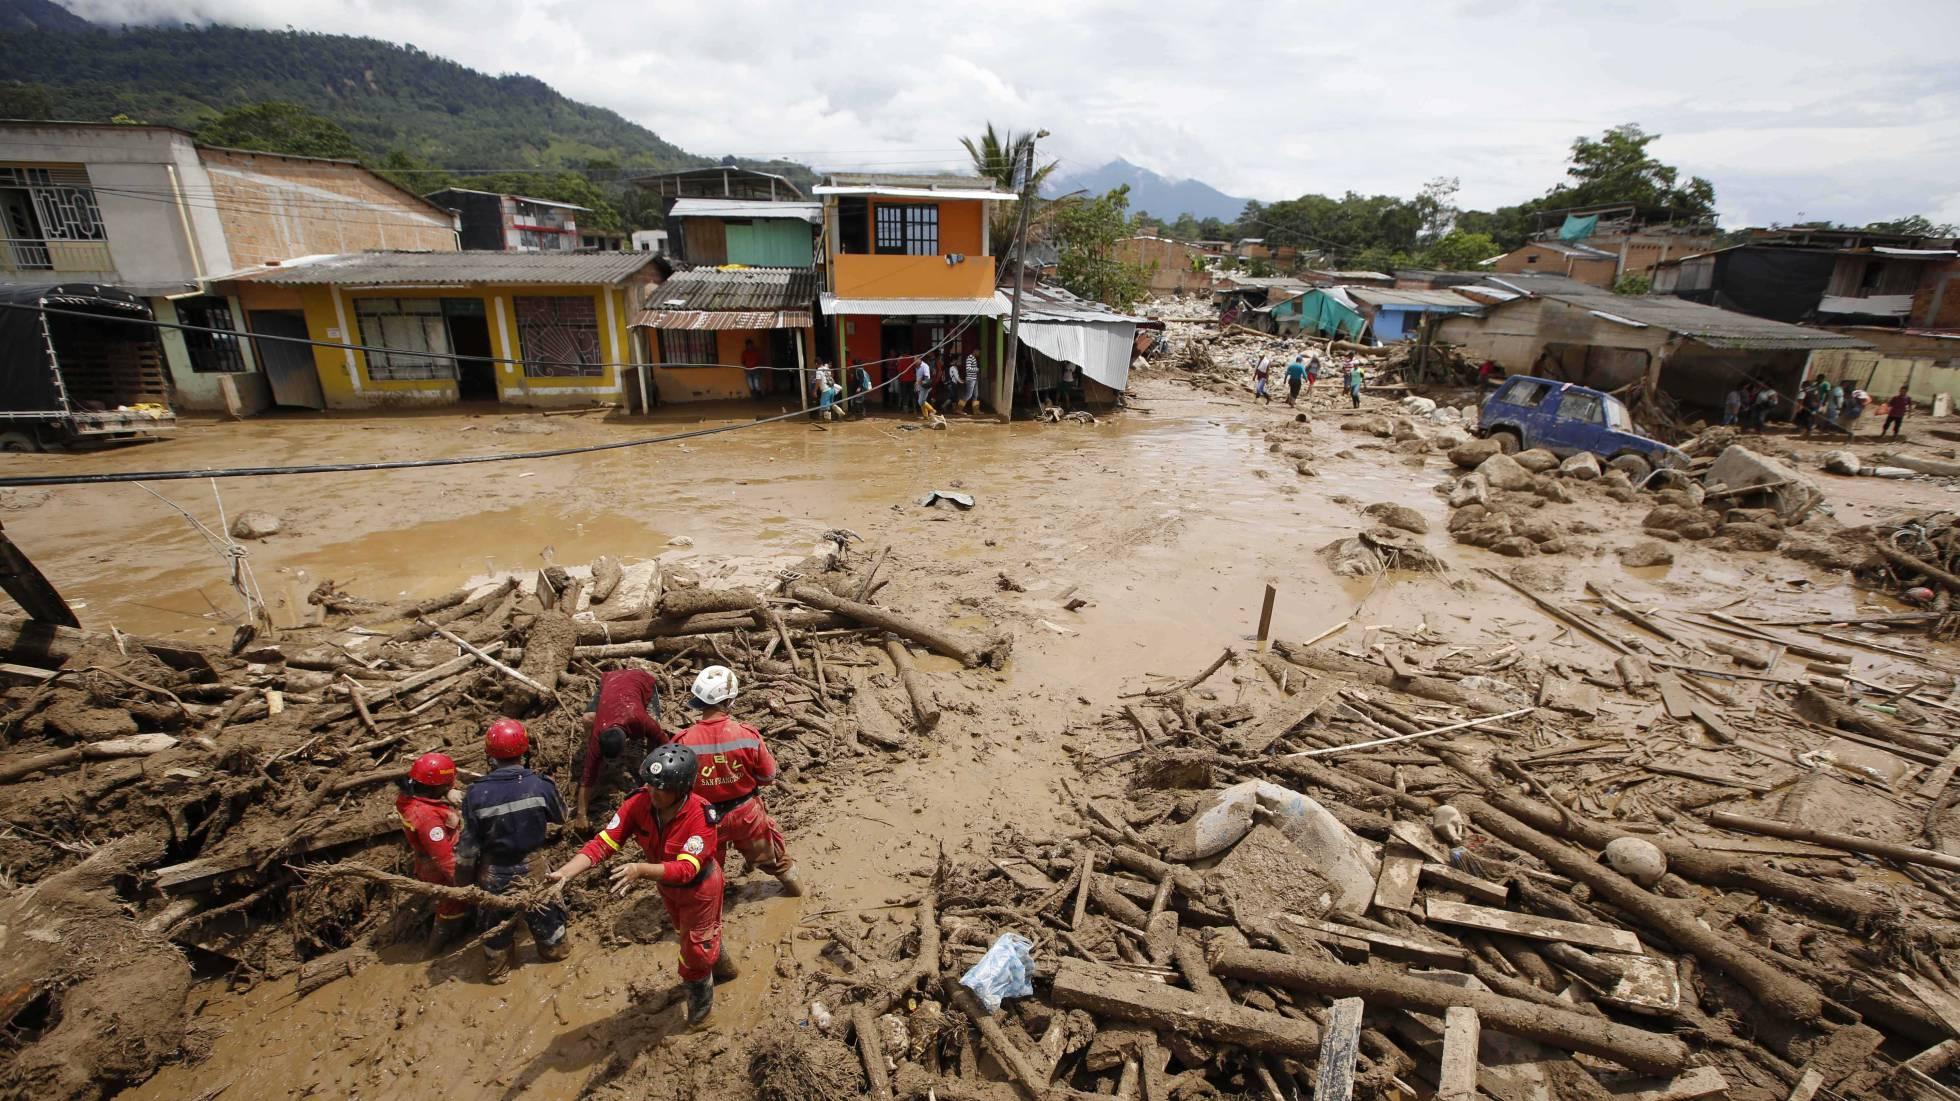 Búsqueda de supervivientes en Mocoa el pasado 2 de abril. FERNANDO VERGARA AP PHOTO